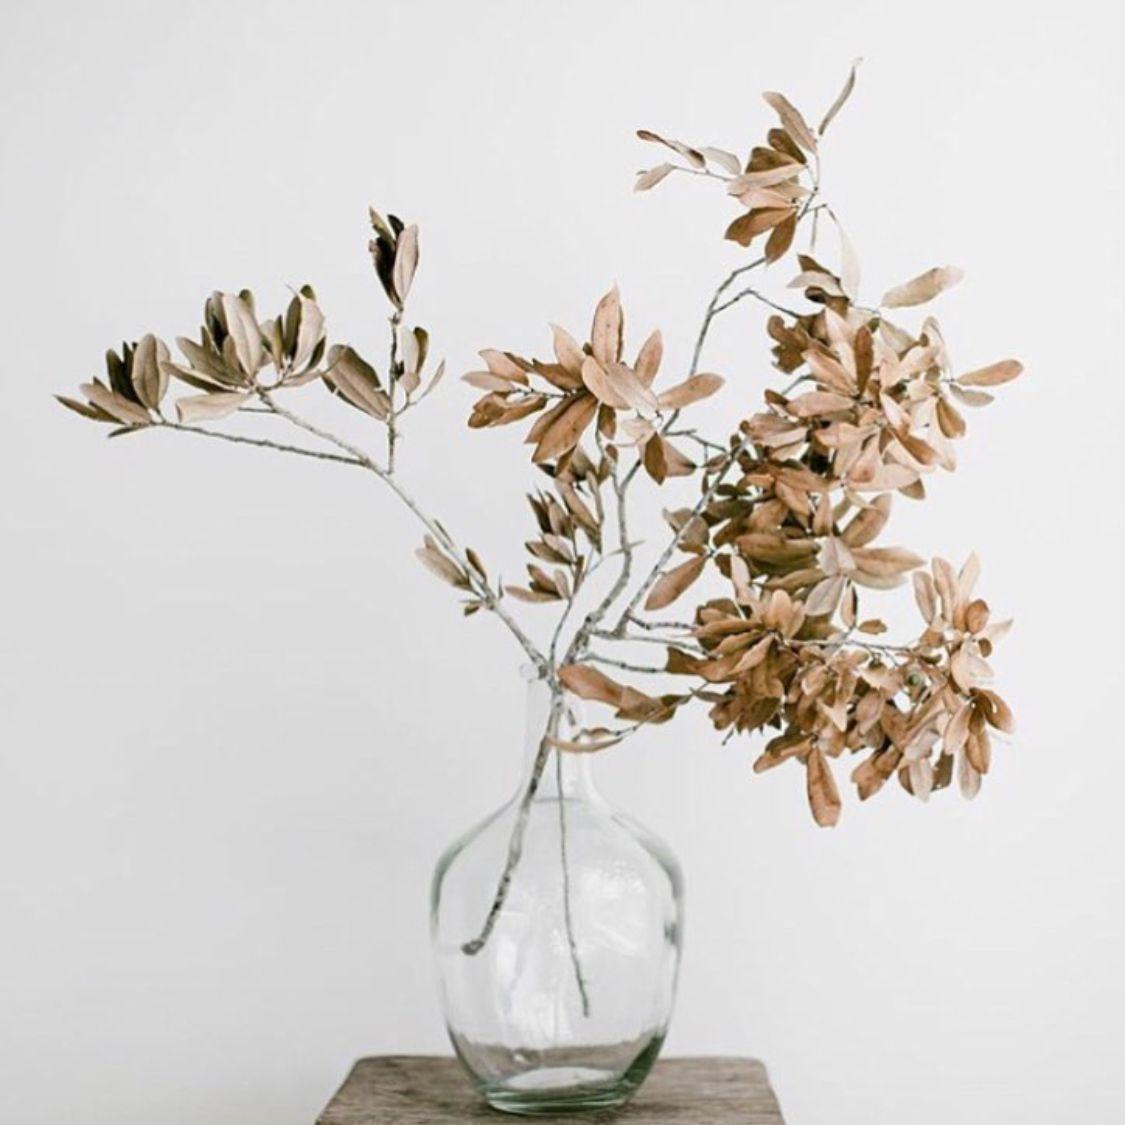 225 & Pinterest \u0026 Instagram @misshrenae +   bloom   Flowers Planting ...